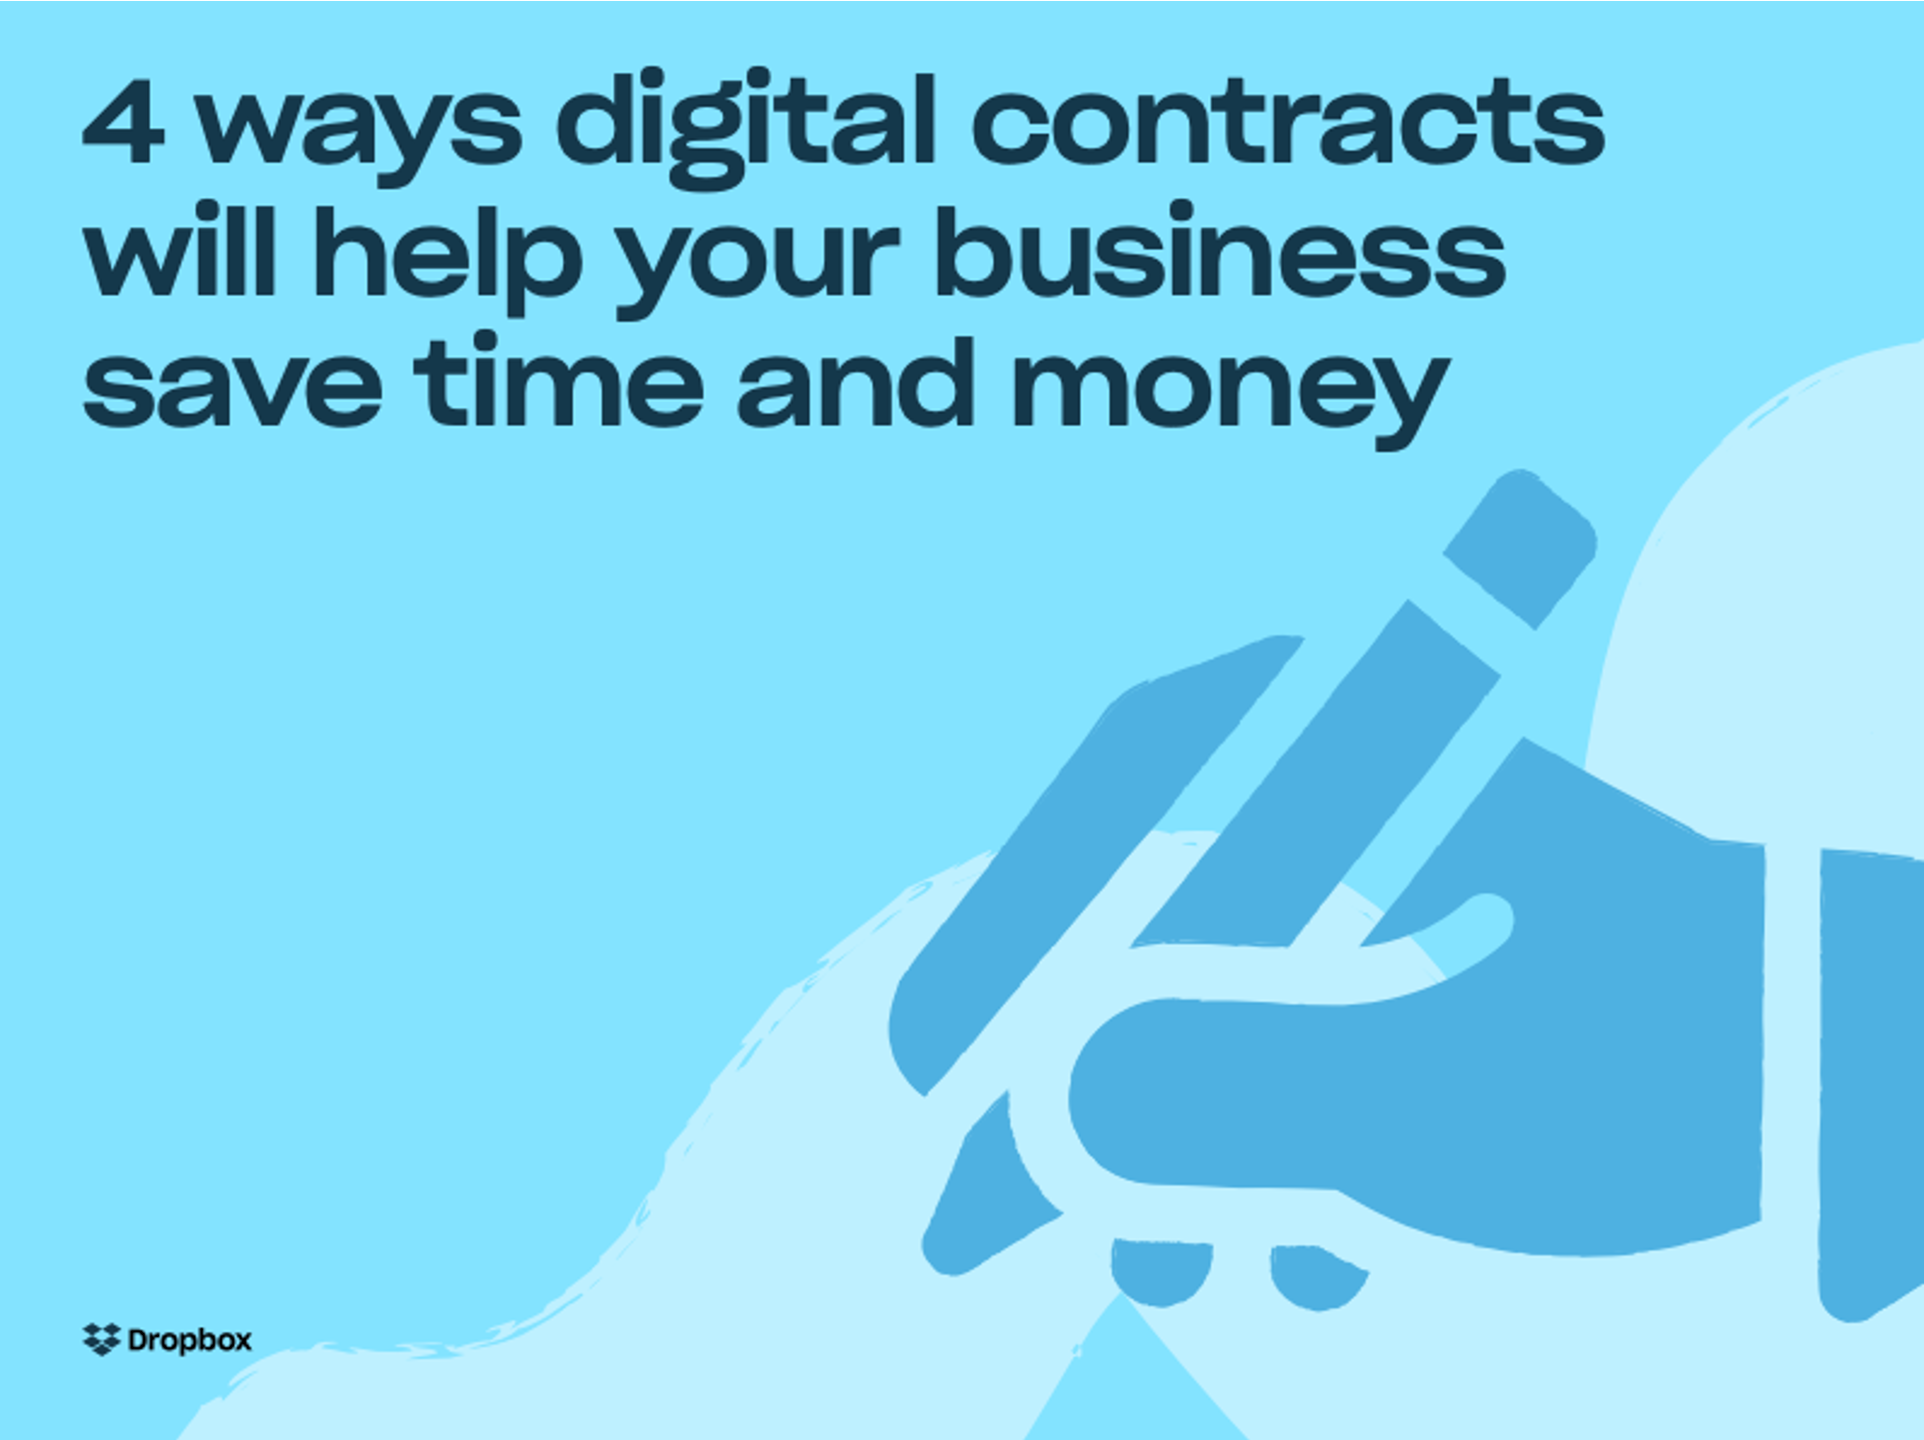 電子署名で時間とコストを節約する 4 つの方法